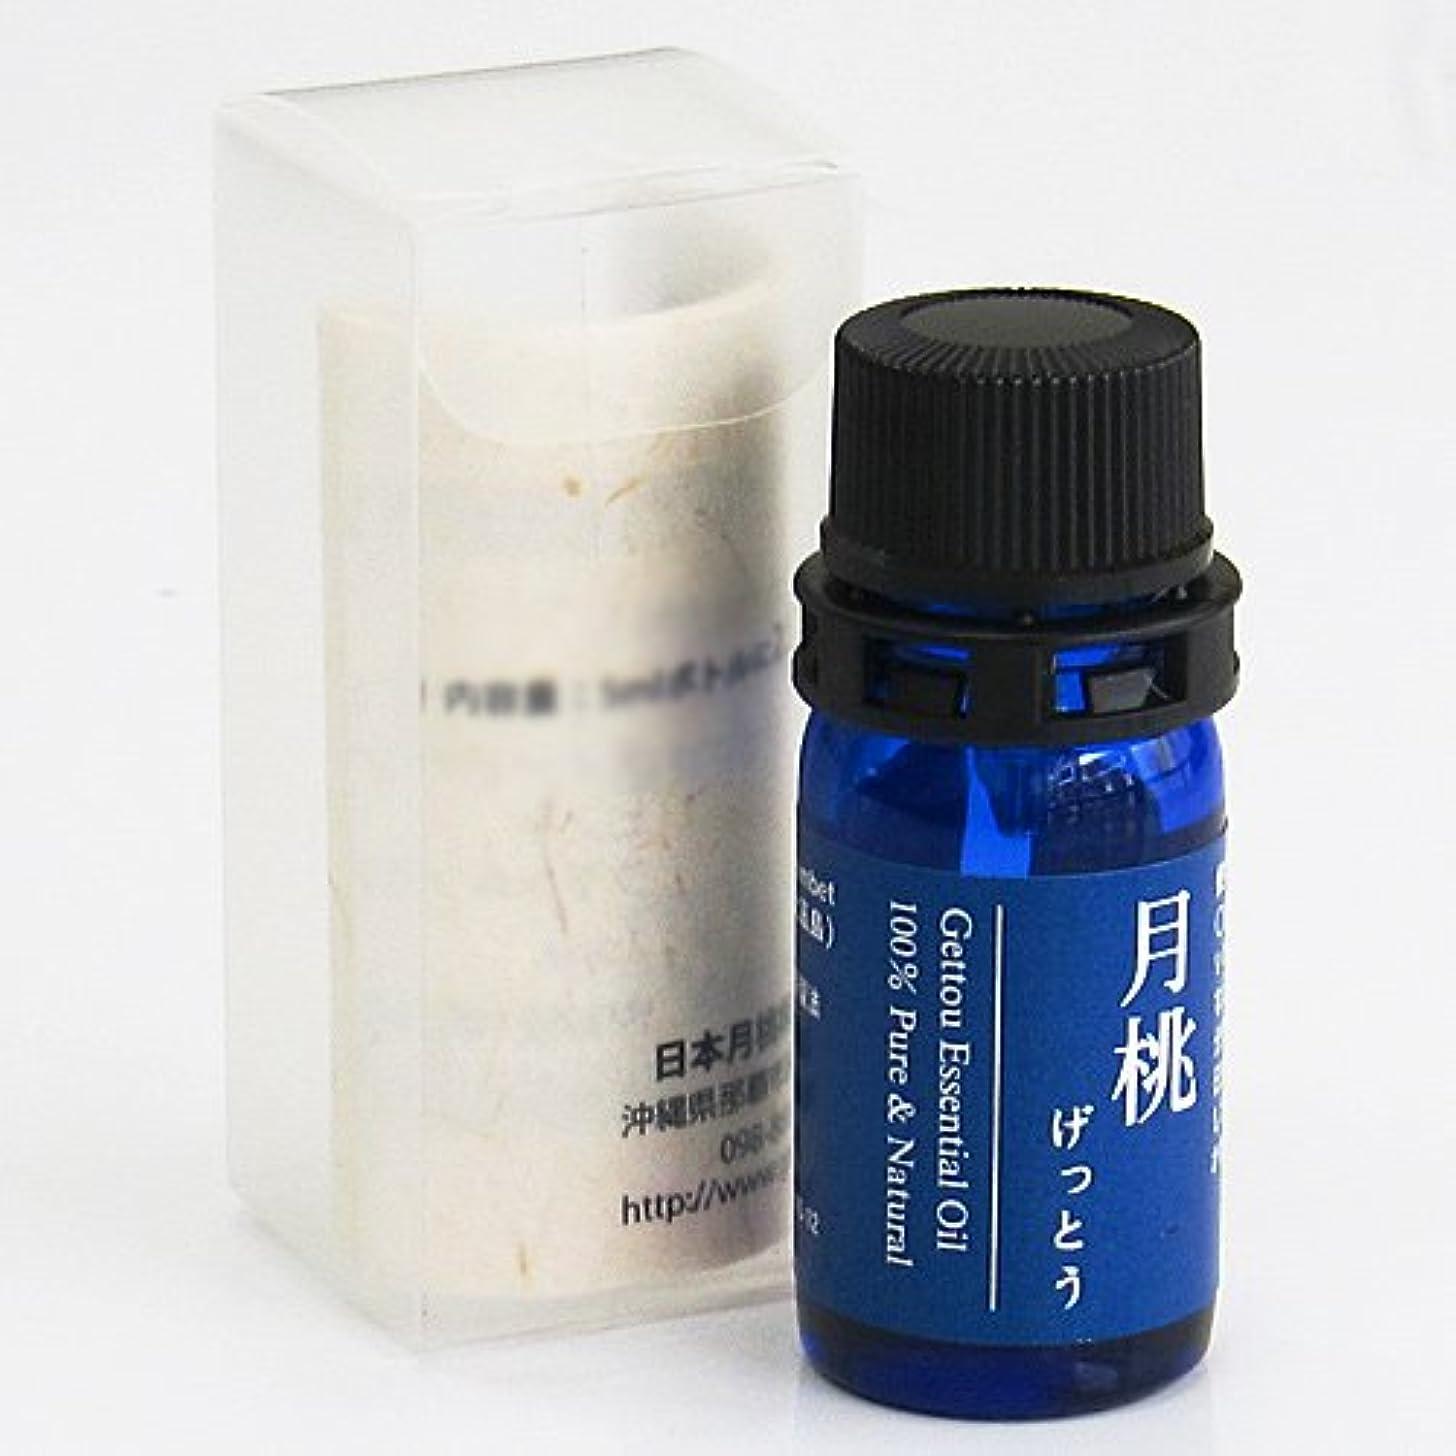 第四キラウエア山水素日本月桃 月桃エッセンシャルオイル 2.5ml